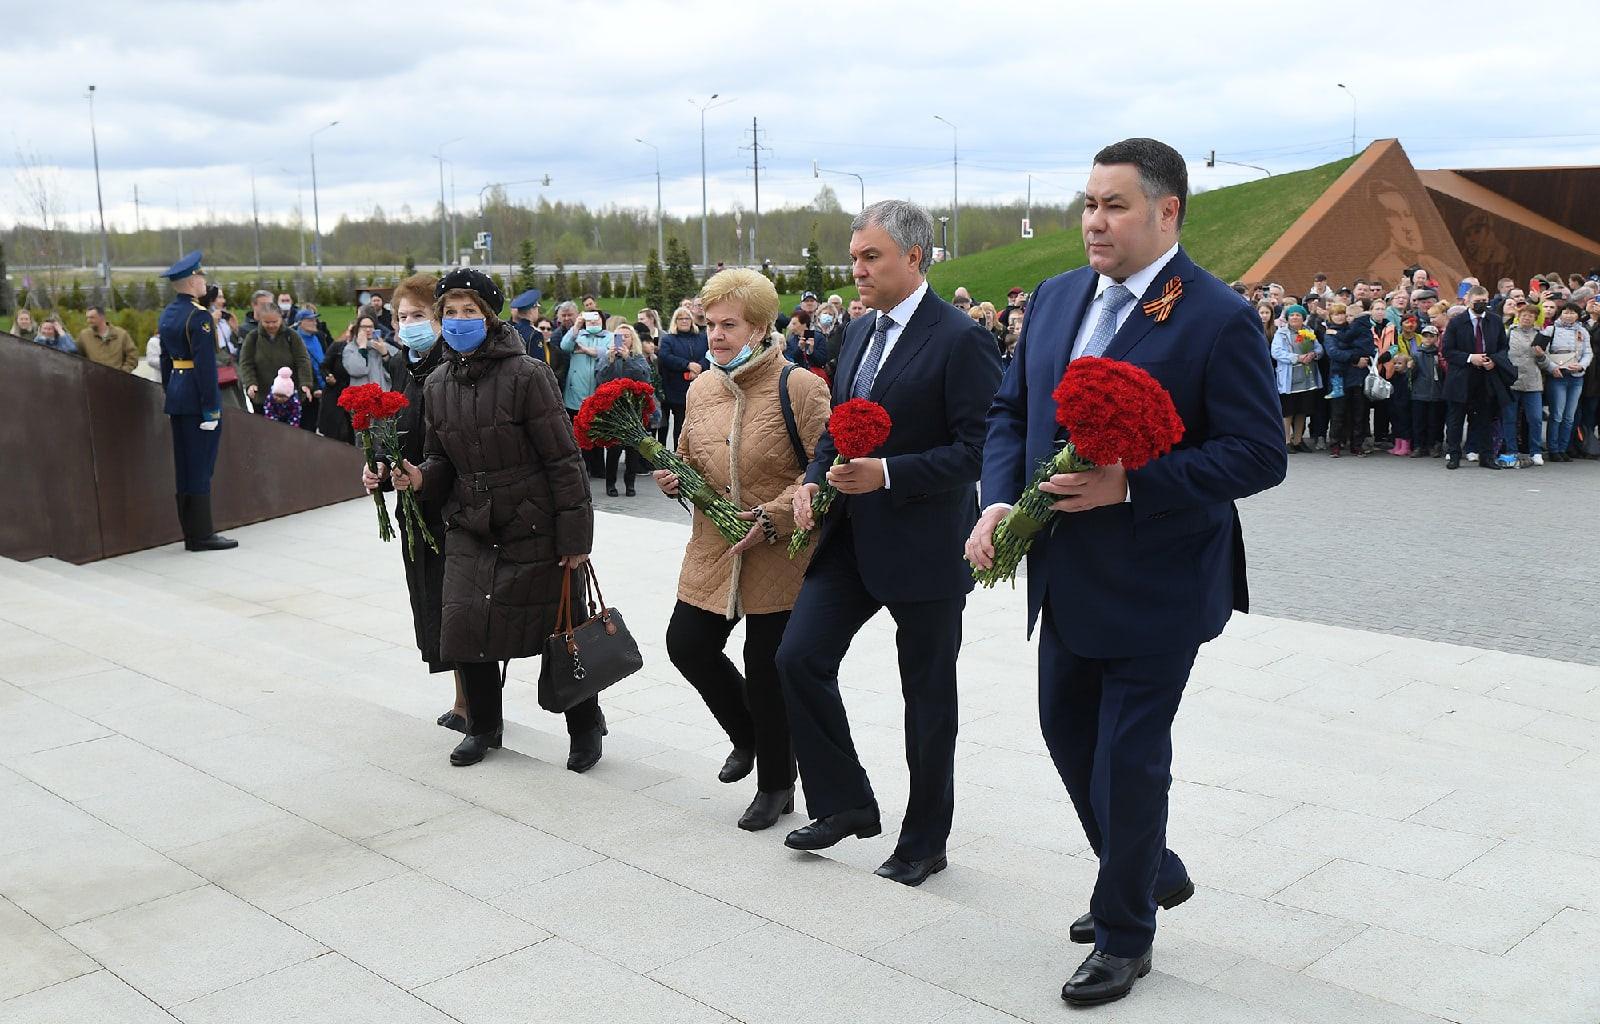 Вячеслав Володин и Игорь Руденя возложили цветы к Ржевскому мемориалу